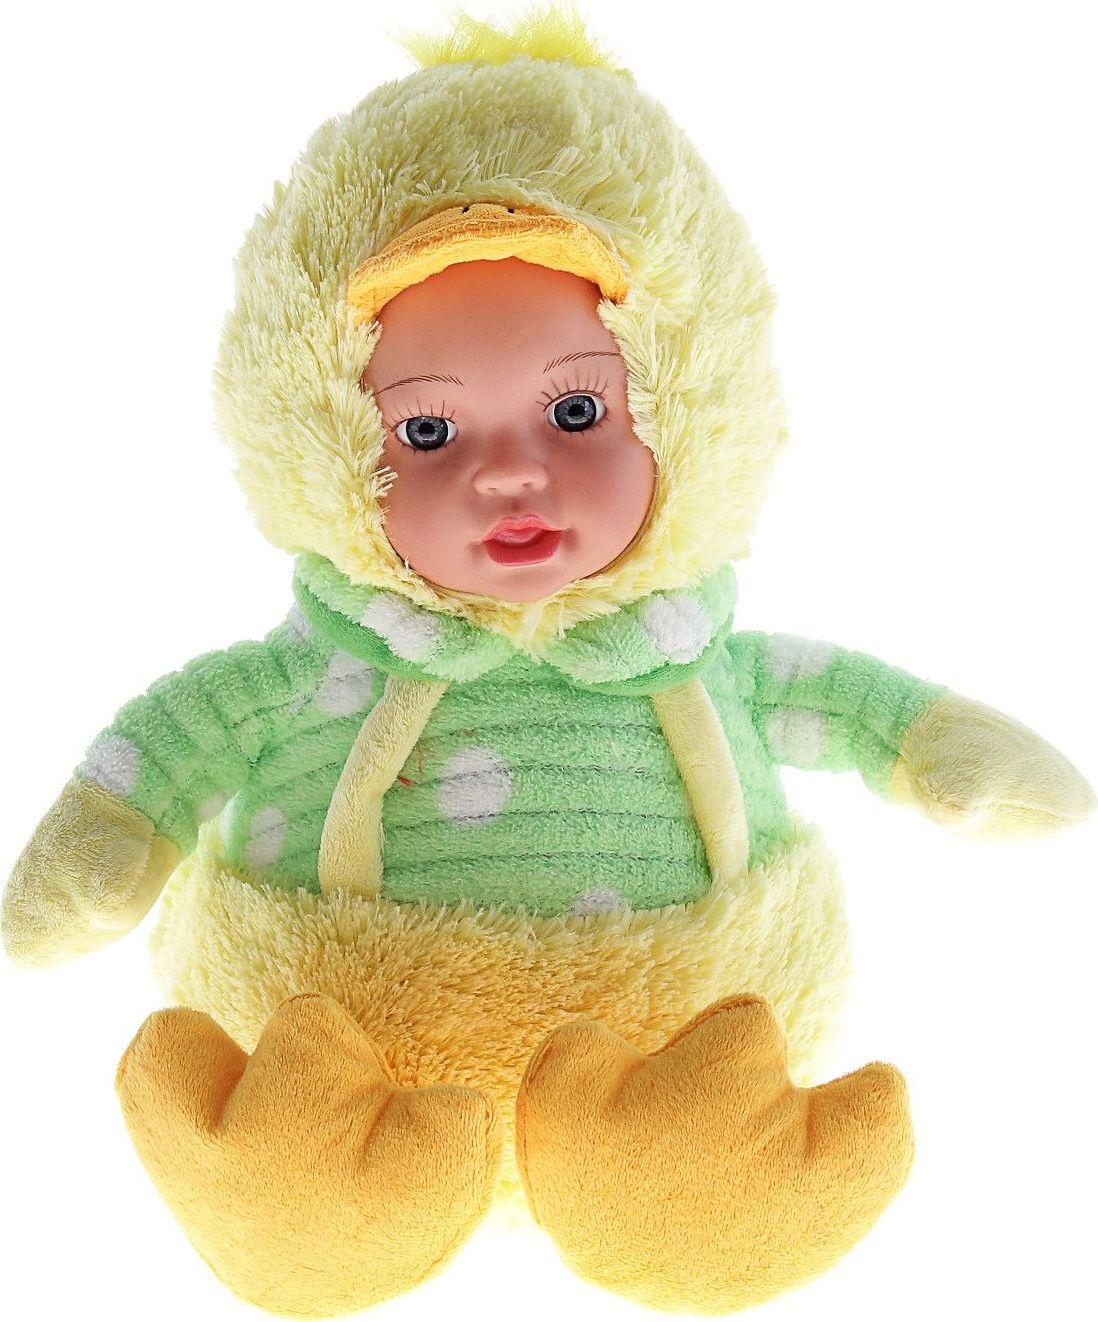 Sima-land Мягкая кукла в костюме уточки 110745 sima land кукла олеся 495726